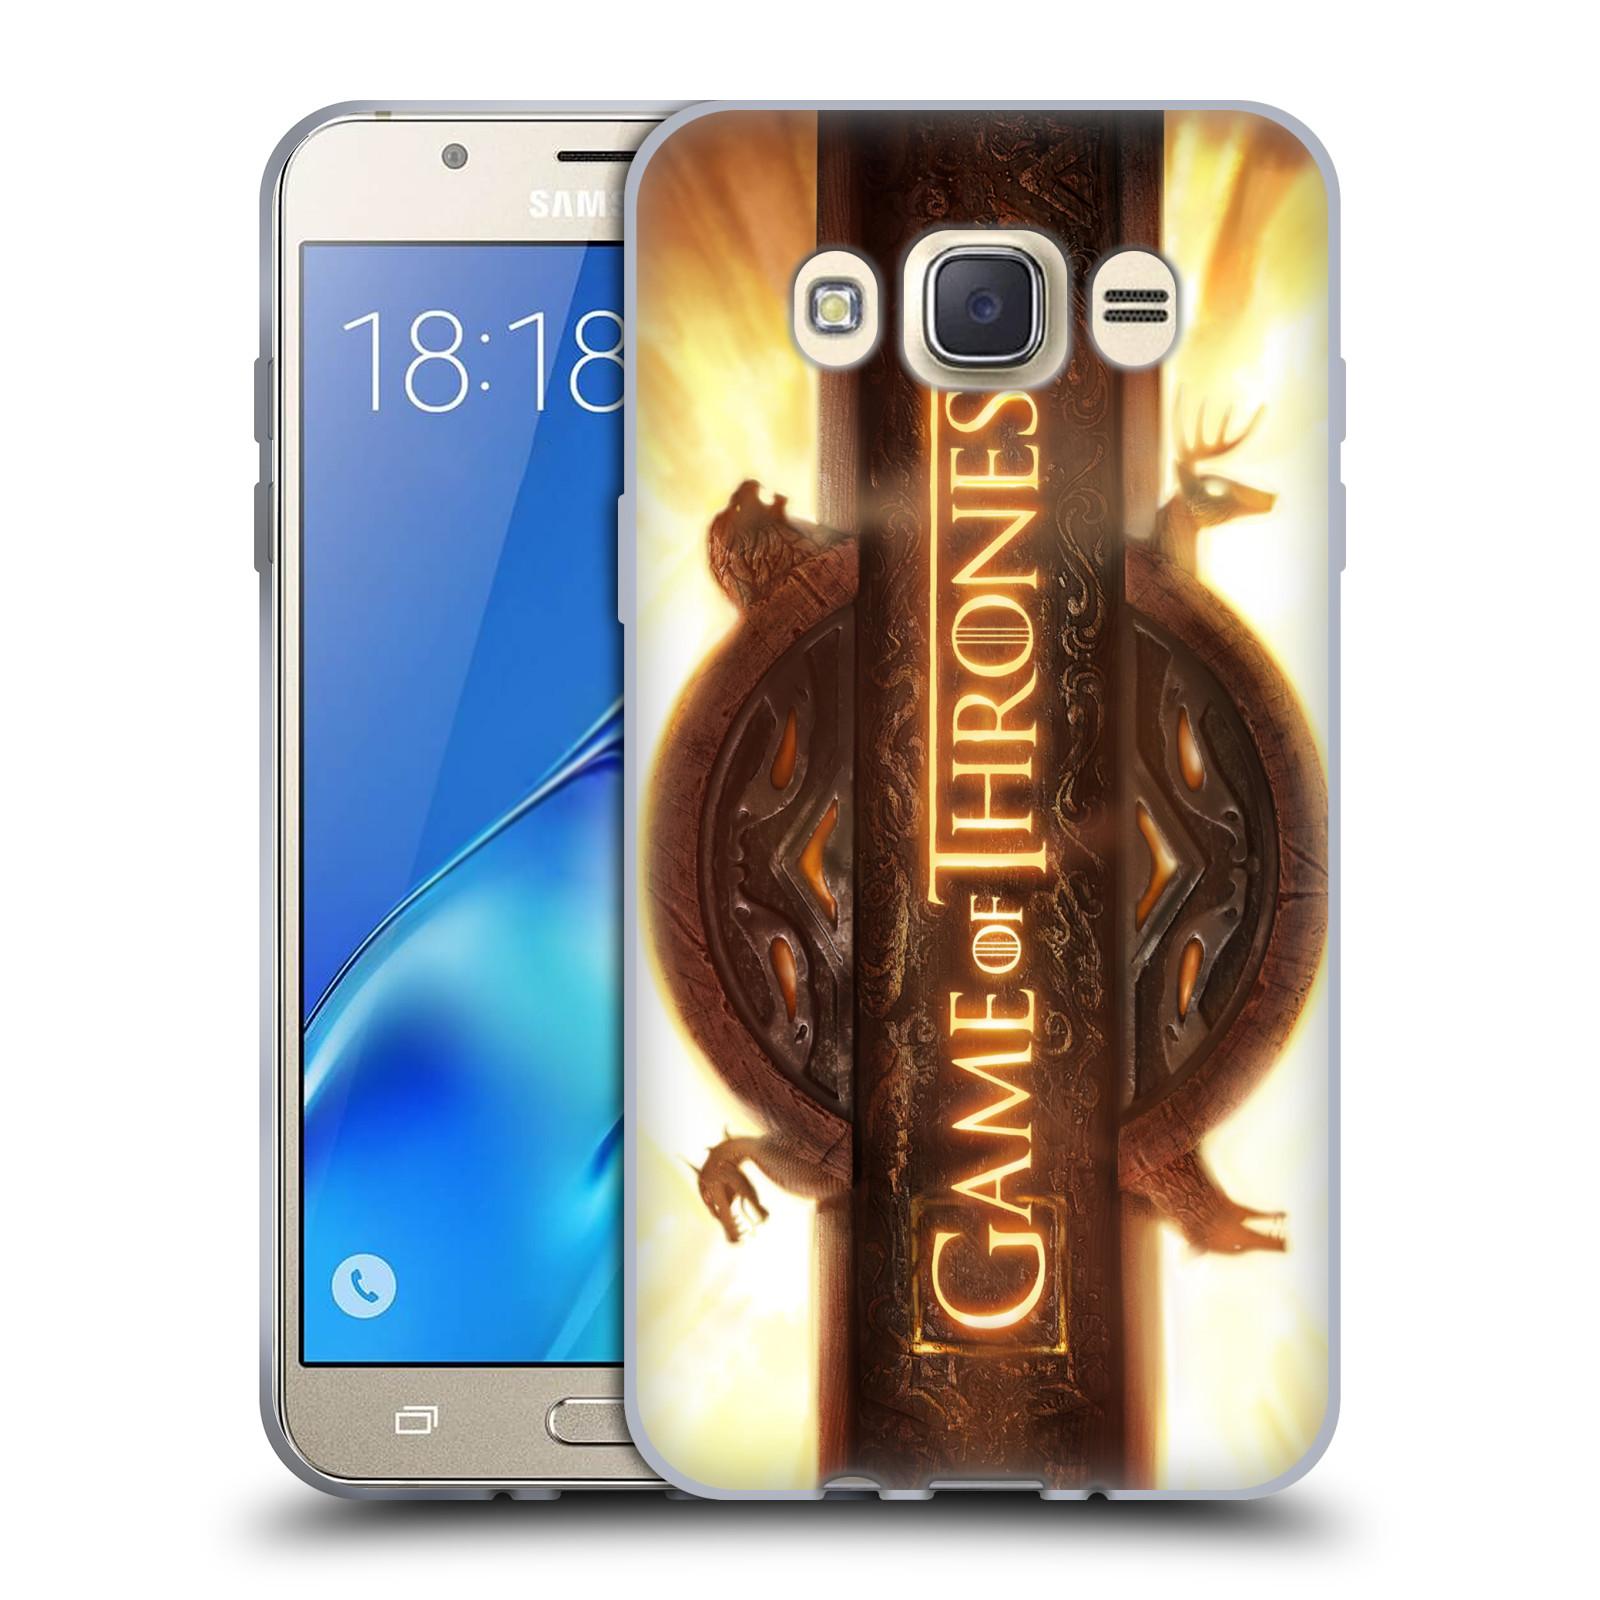 HEAD CASE silikonový obal na mobil Samsung Galaxy J7 2016 oficiální kryt Hra o trůny úvodní motiv oheň